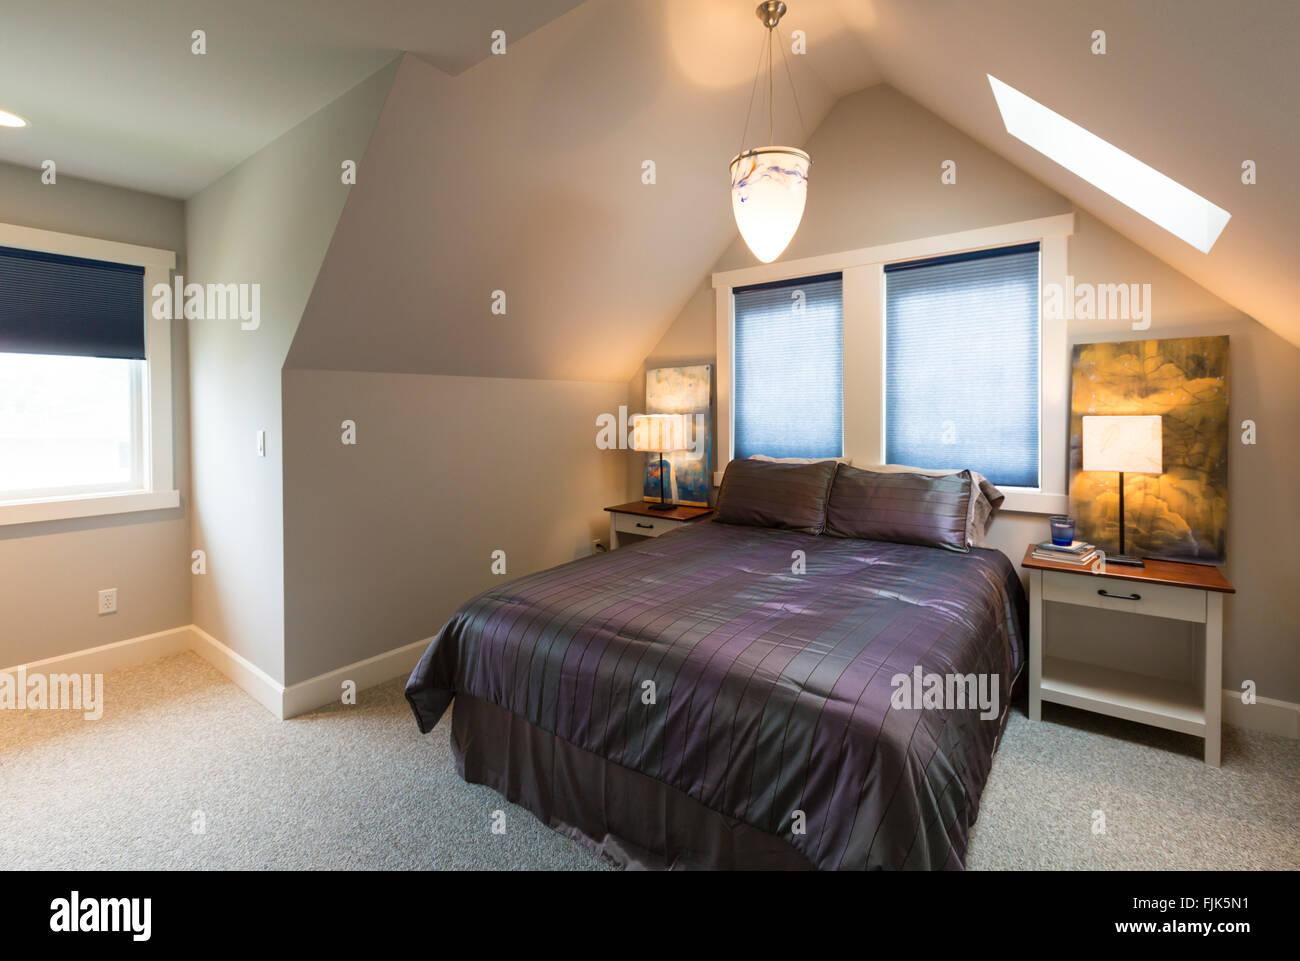 Camera da letto con letto matrimoniale comodini soffitto a volta